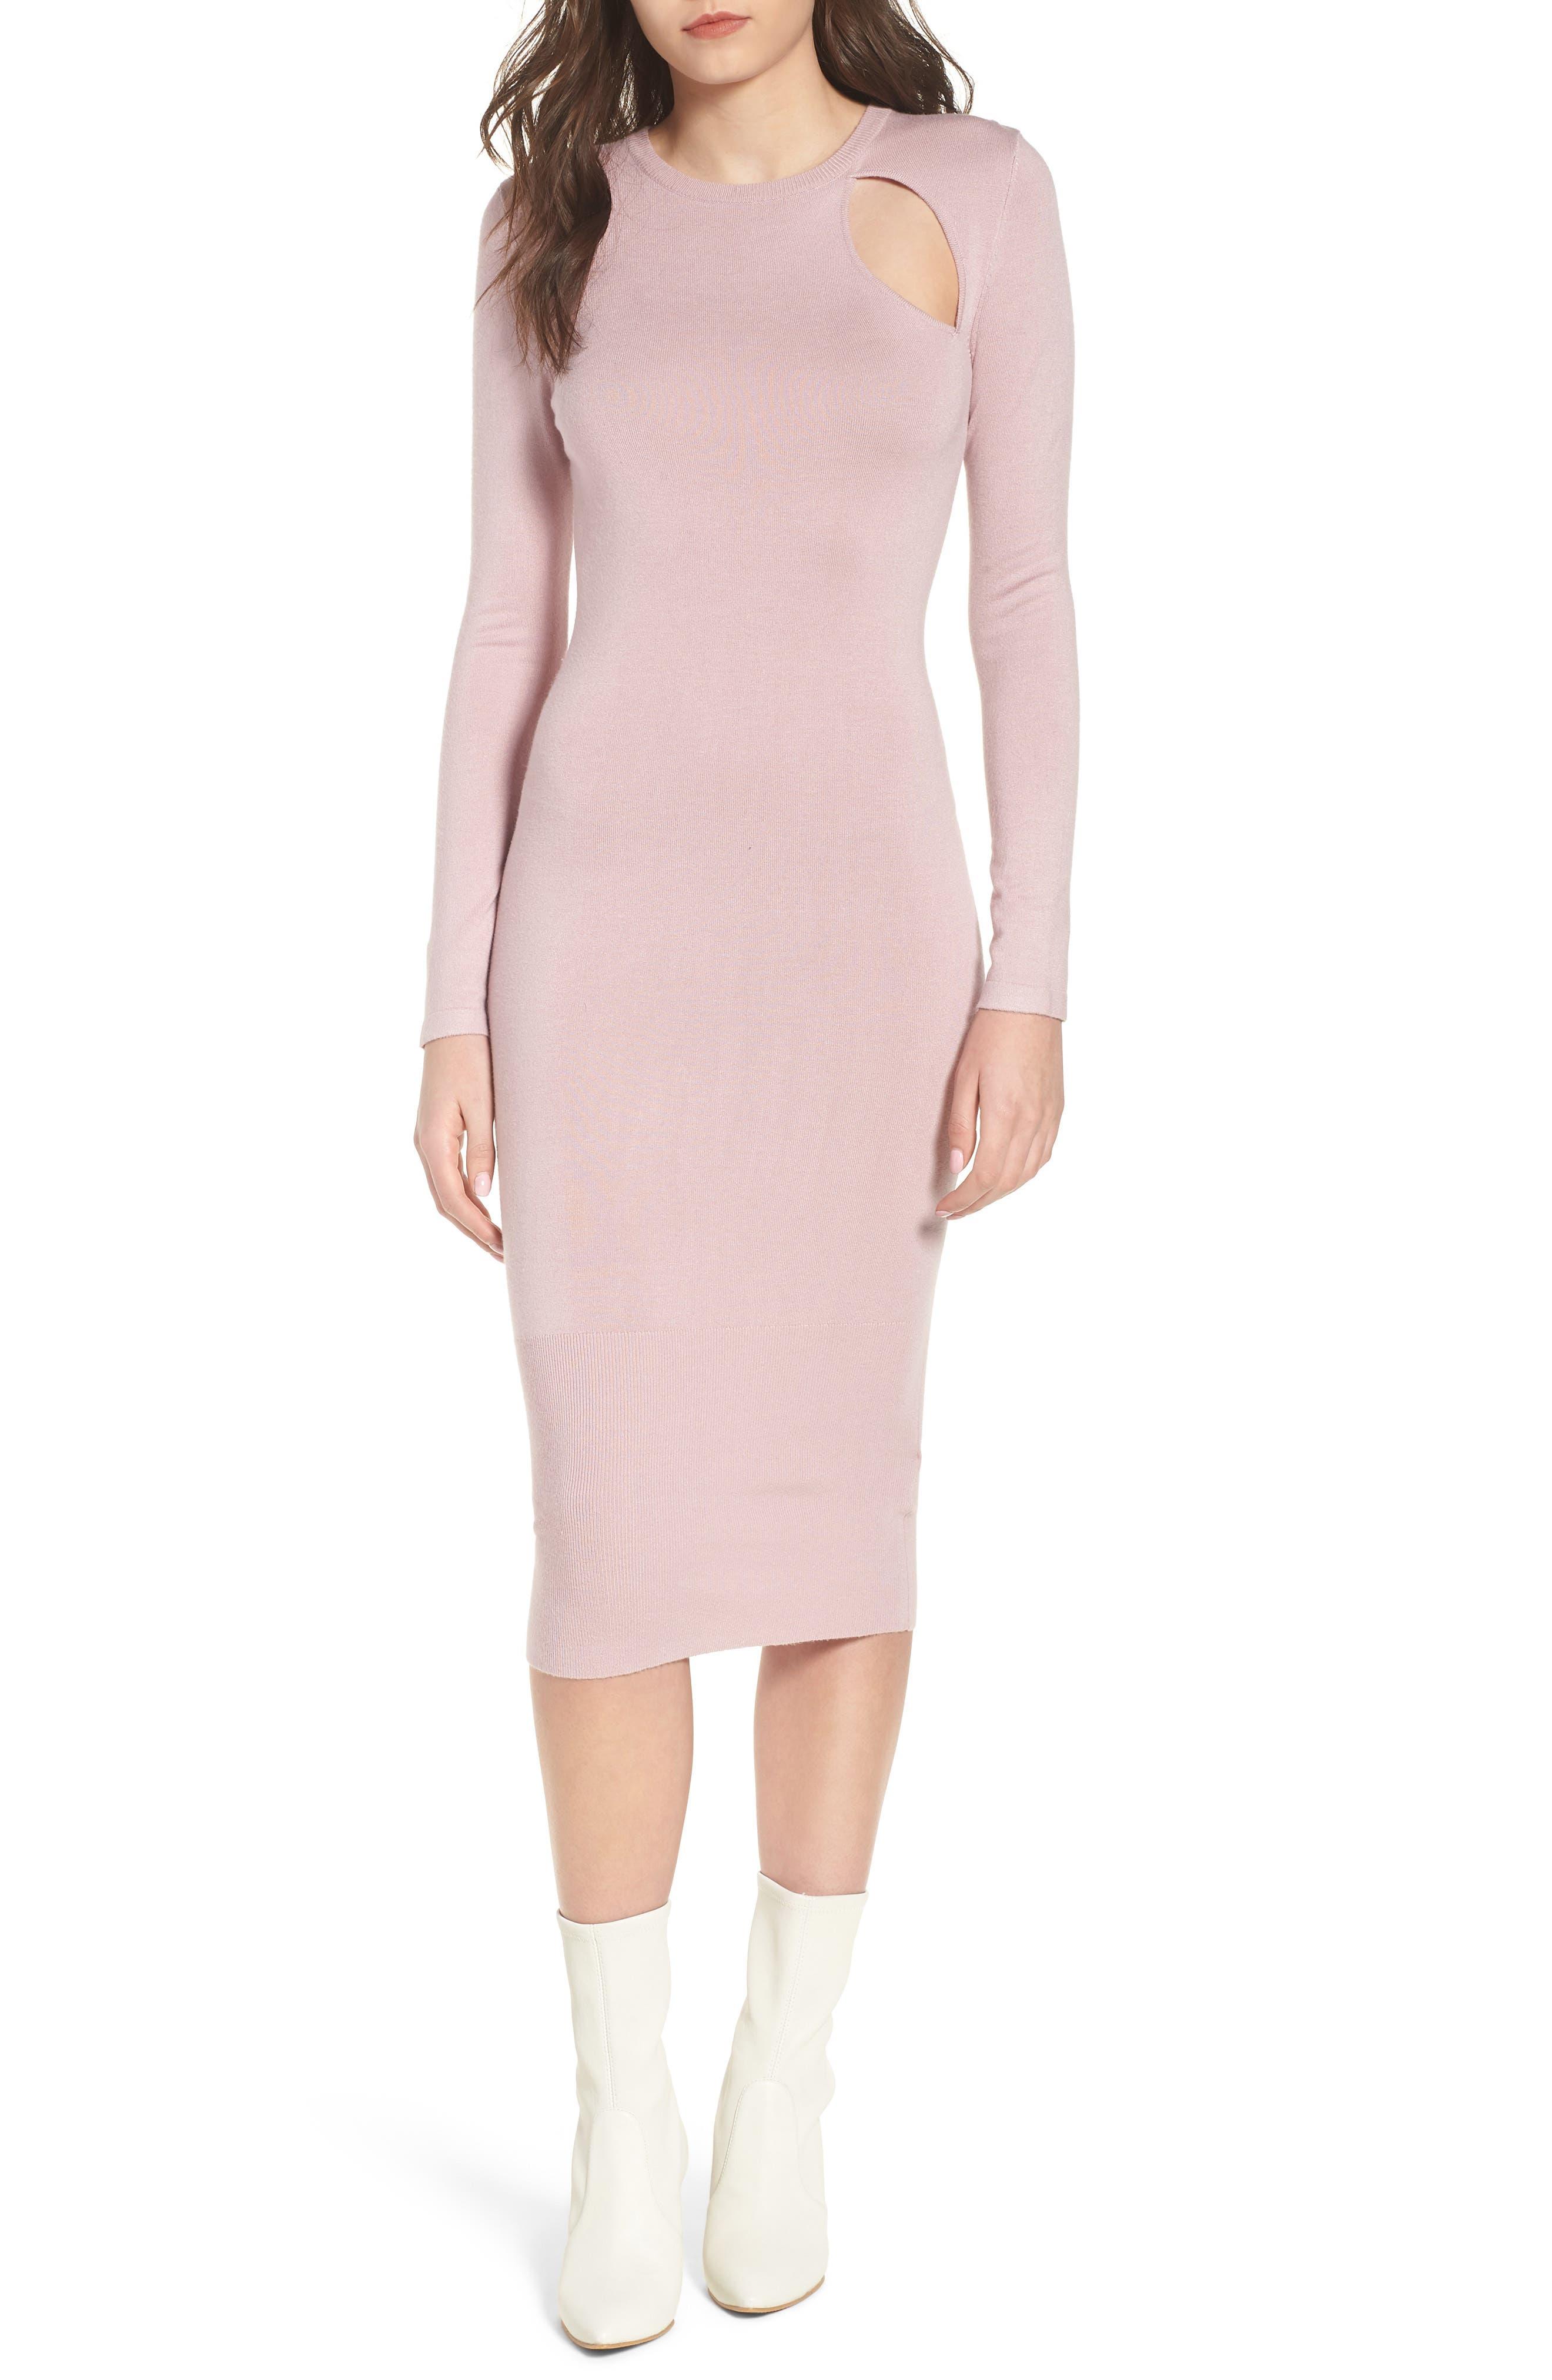 Body-Con Midi Dress,                         Main,                         color, Light Pink